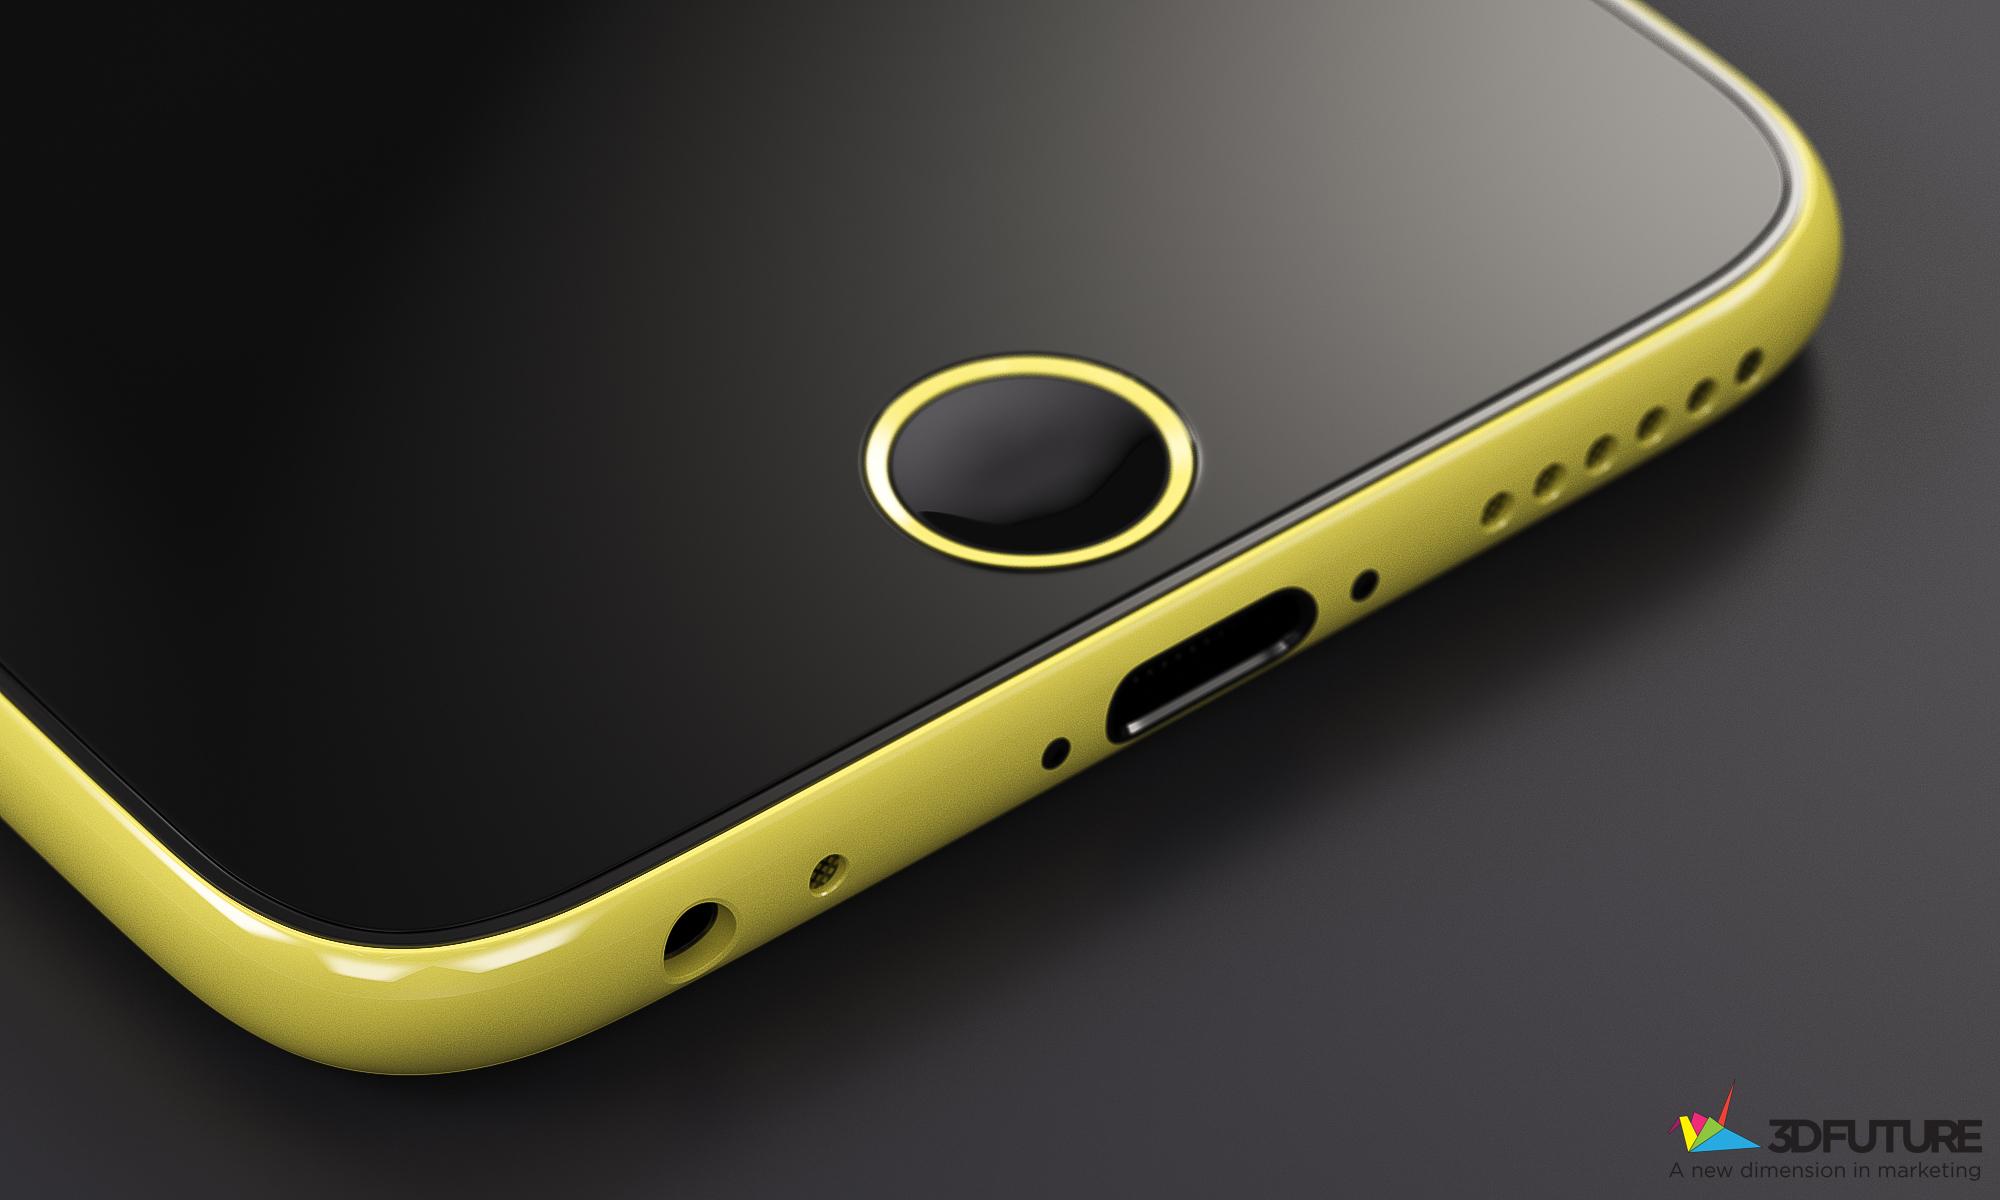 2015년 하반기 iPhone 6s, iPhone 6s Plus, iPhone 6C의 3 라인업을 갖출 예정?